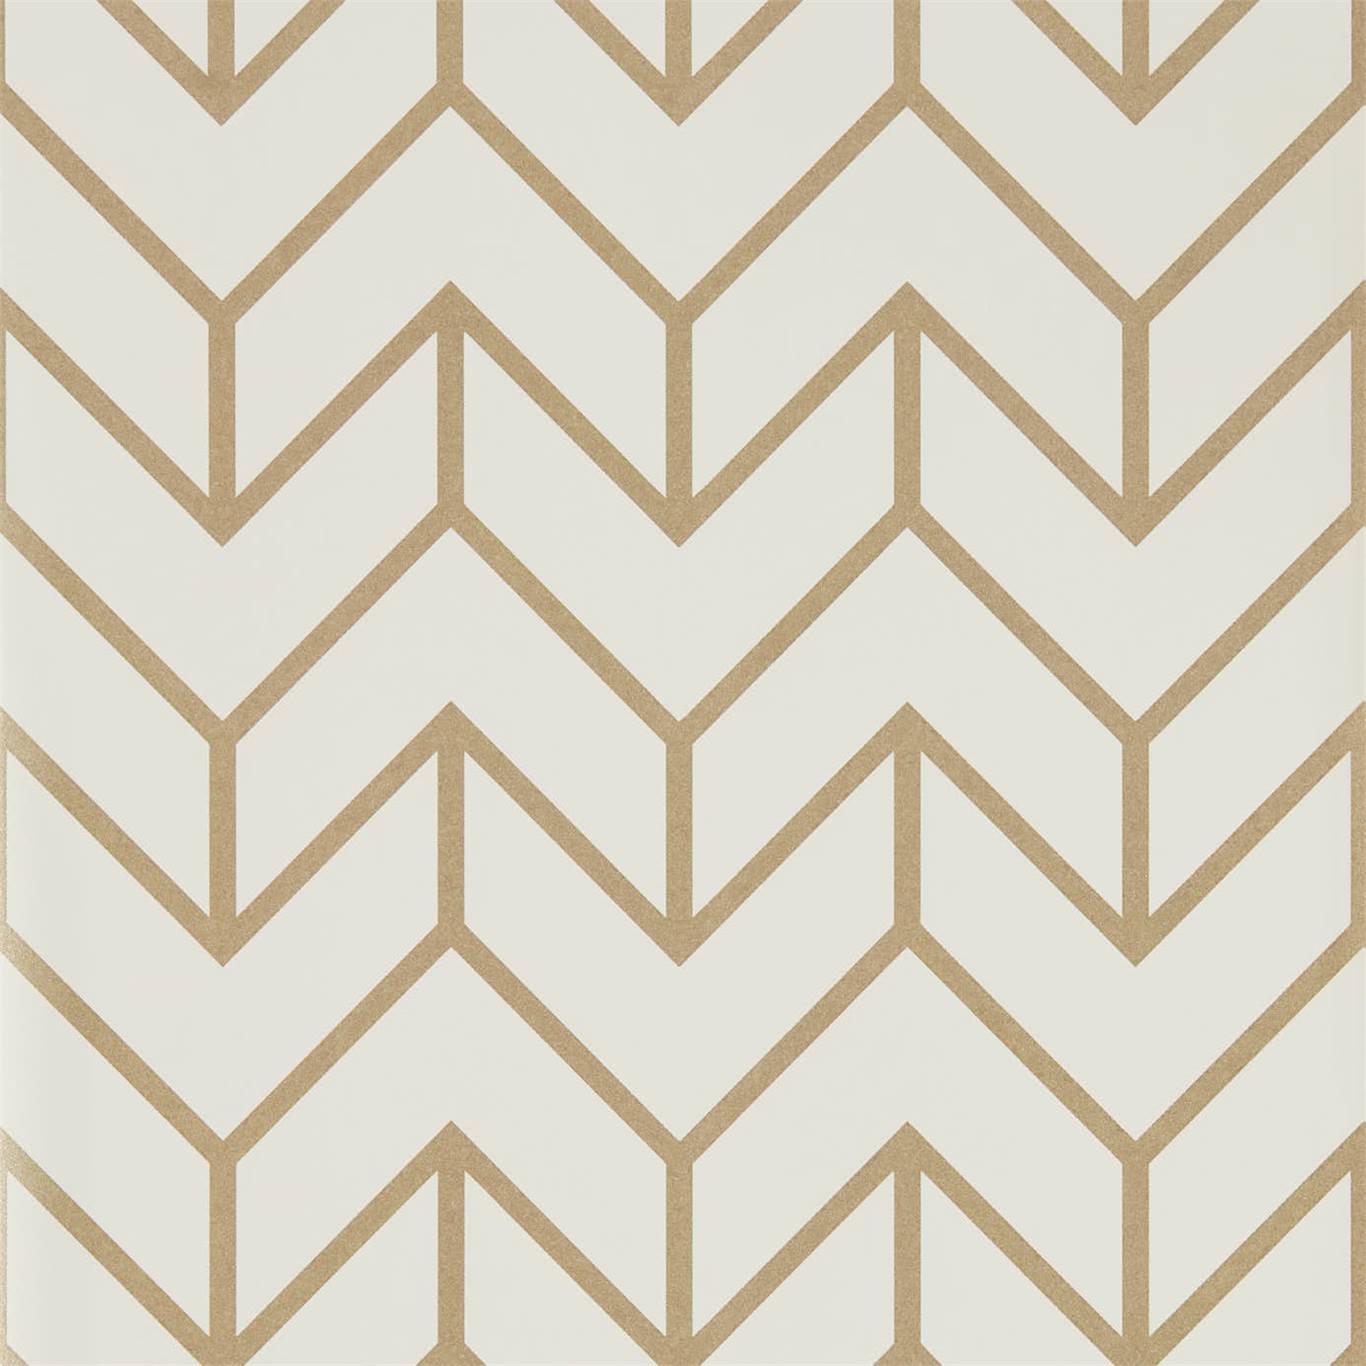 tapetai tapetai Harlequin, Momentum 5, Tessellation, 111983